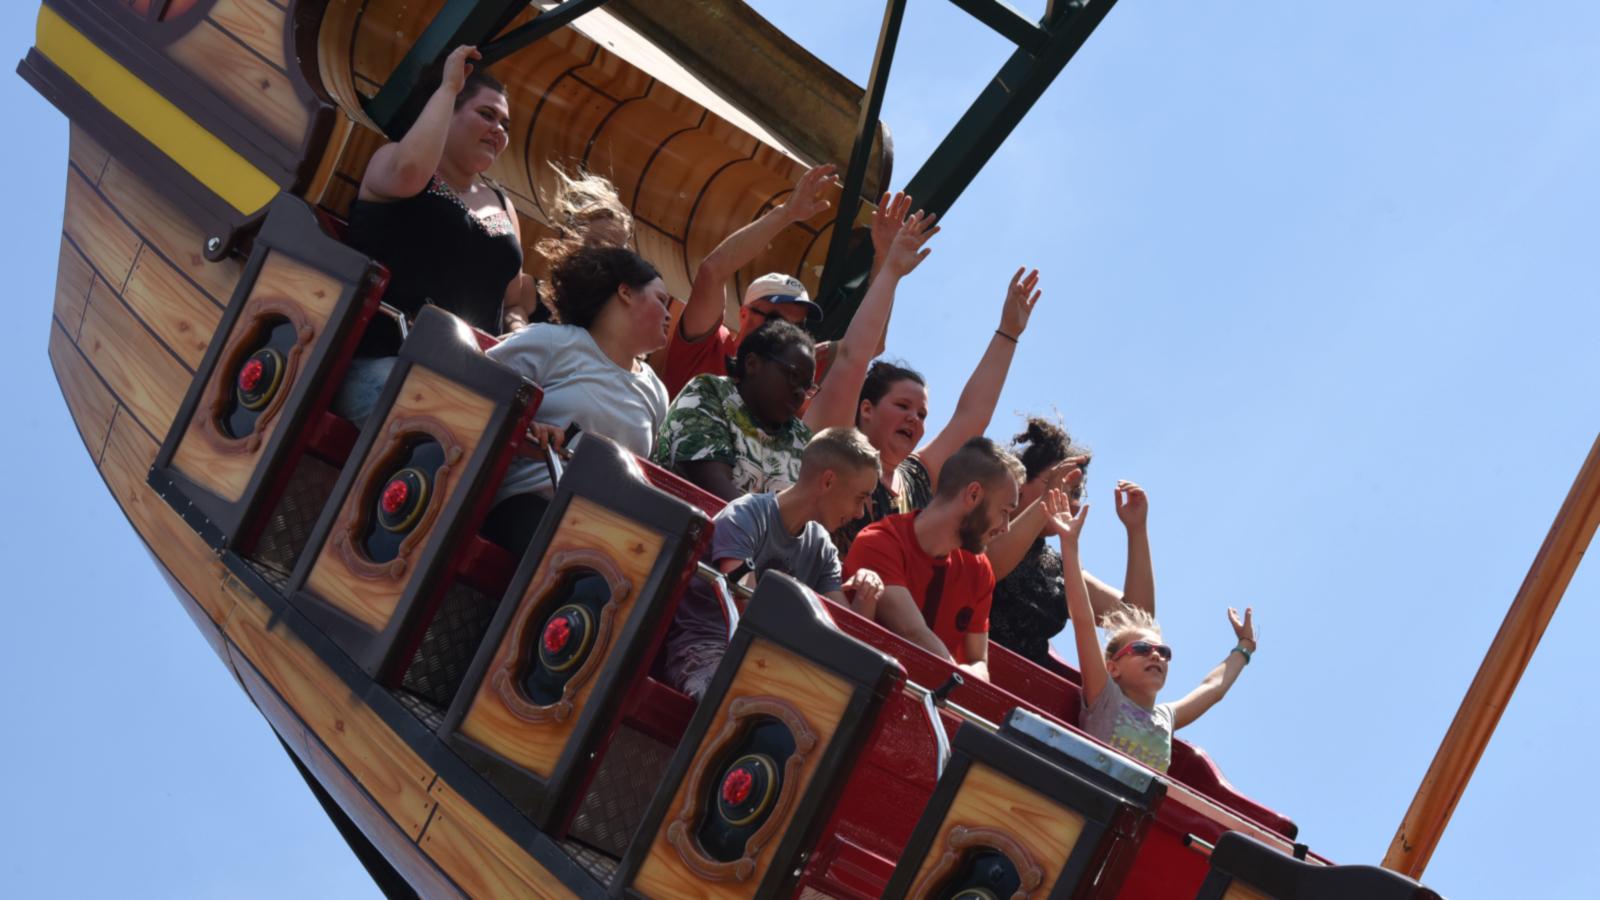 La toute première attraction du parc, Train Far West, est apparu en 1971.